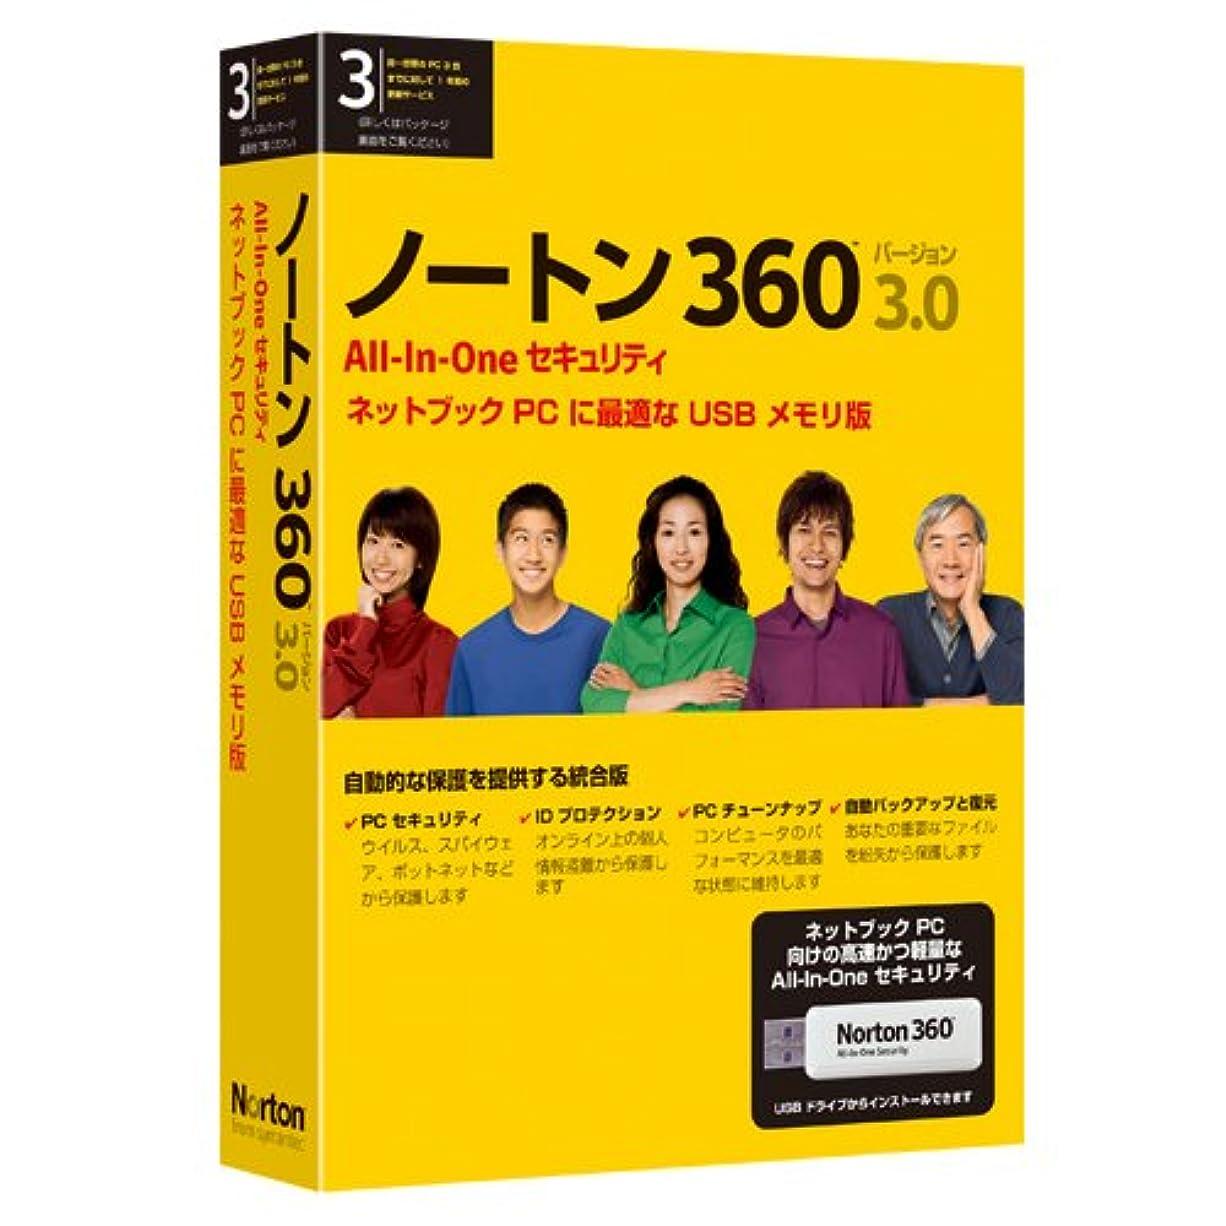 破産モーションアデレード【旧商品】Norton 360 バージョン 3.0 USB